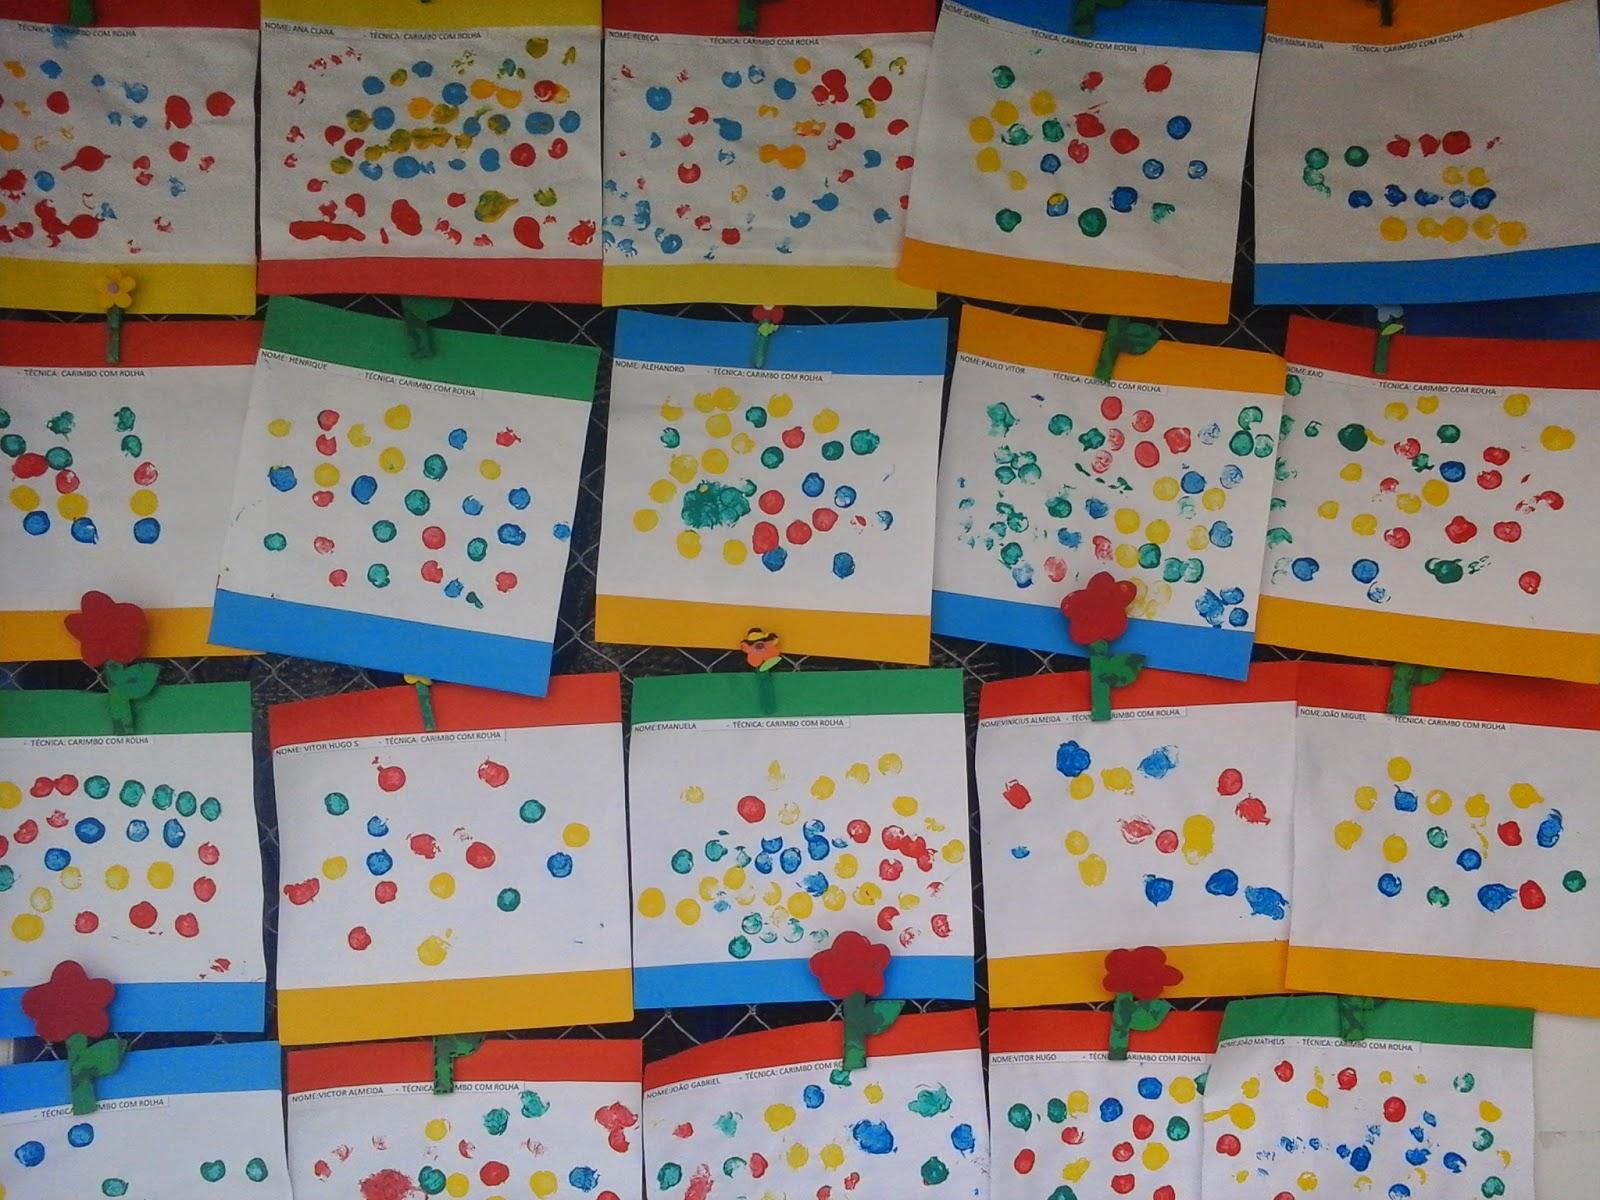 Famosos Diversas técnicas de pintura para a educação infantil | educa sempre HV28